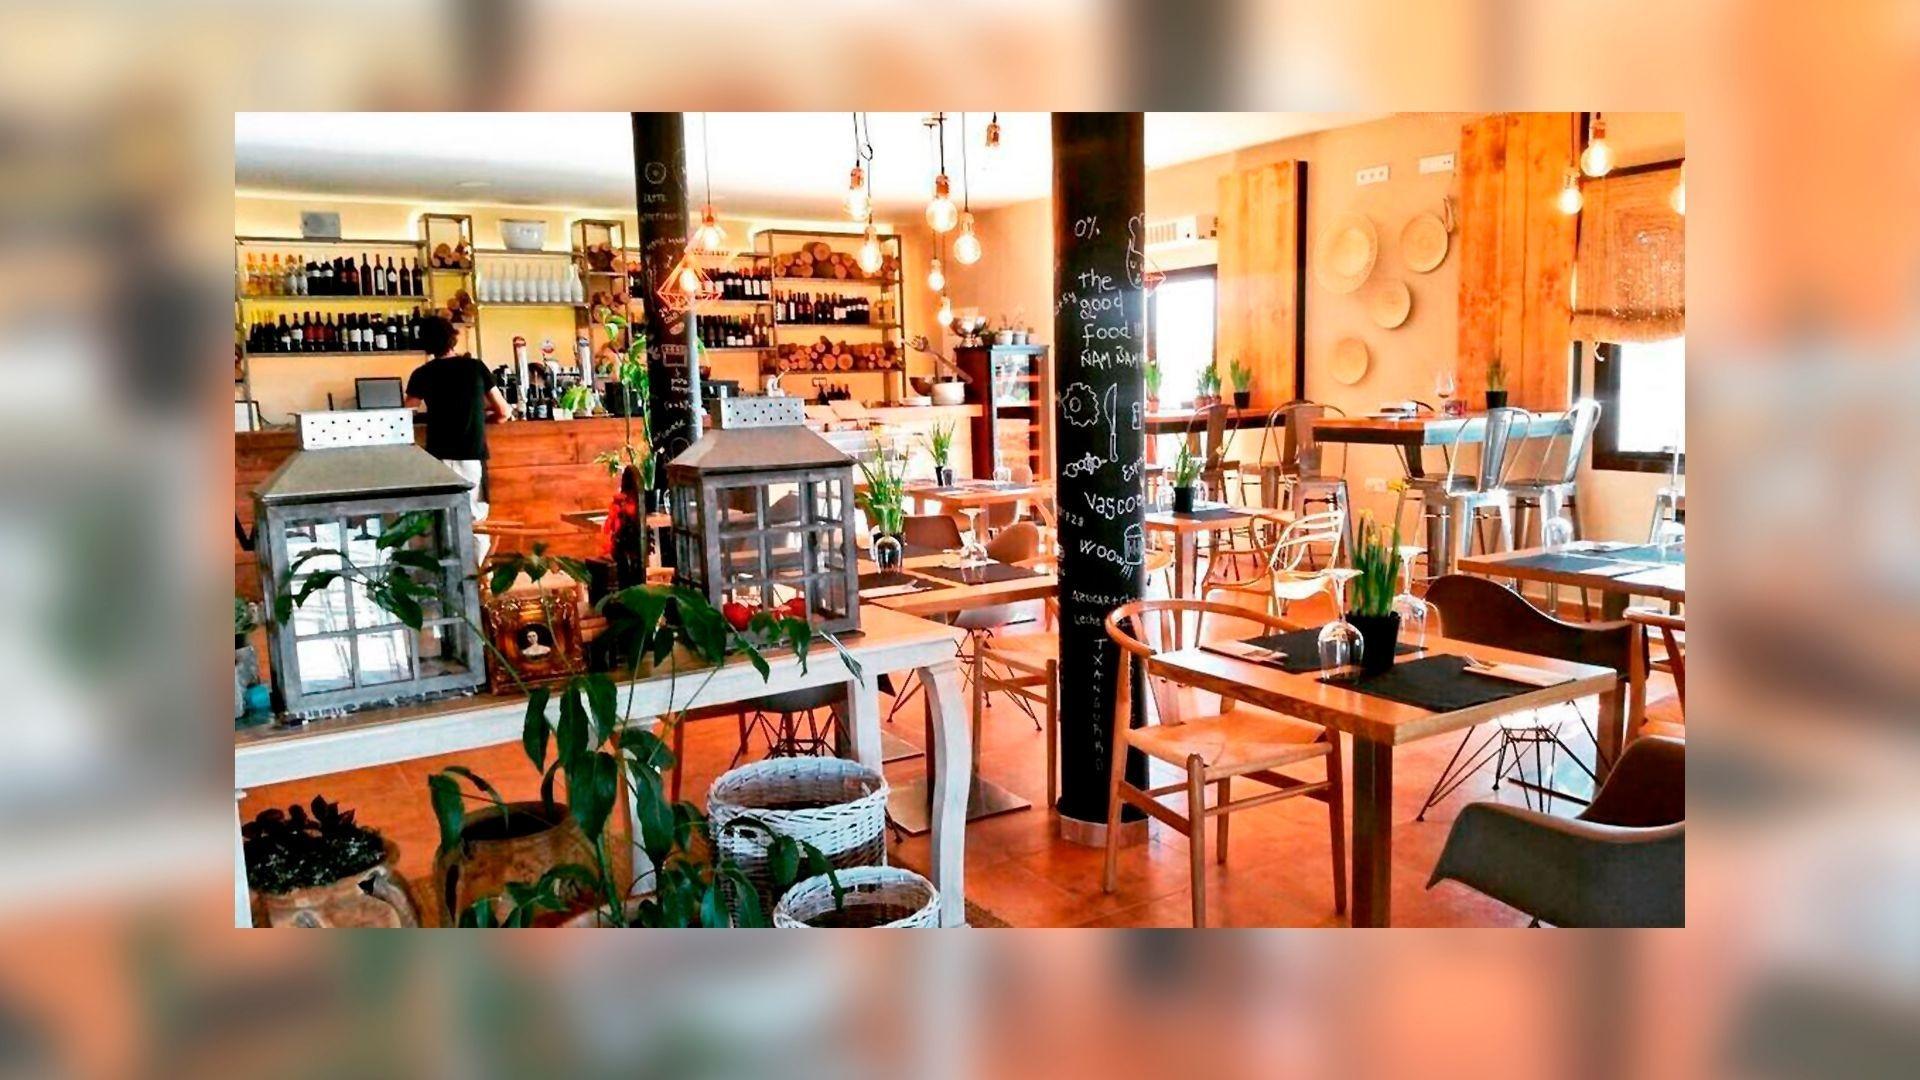 Restaurante vasco-gaditano en Conil